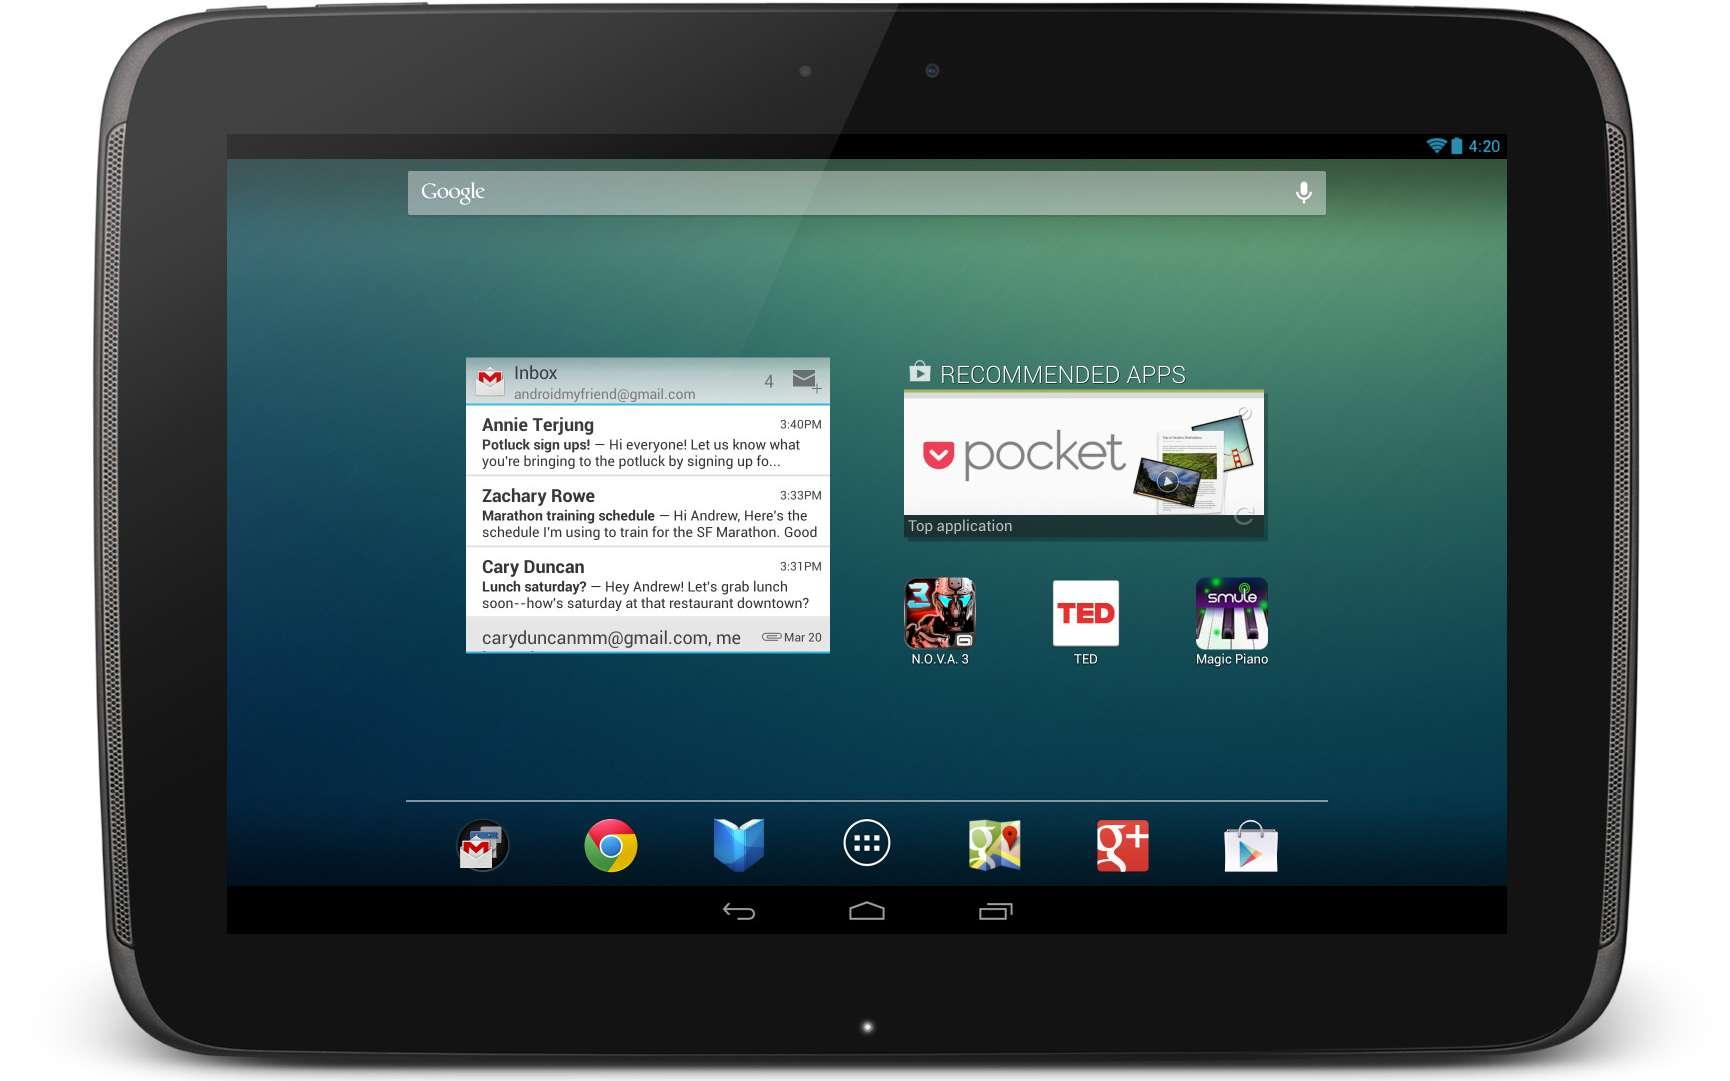 La tablette 10 pouces avec laquelle Google s'attaque à l'iPad et à la déferlante de tablettes Windows RT et Windows 8 que l'on devrait voir arriver d'ici la fin de l'année. © Google